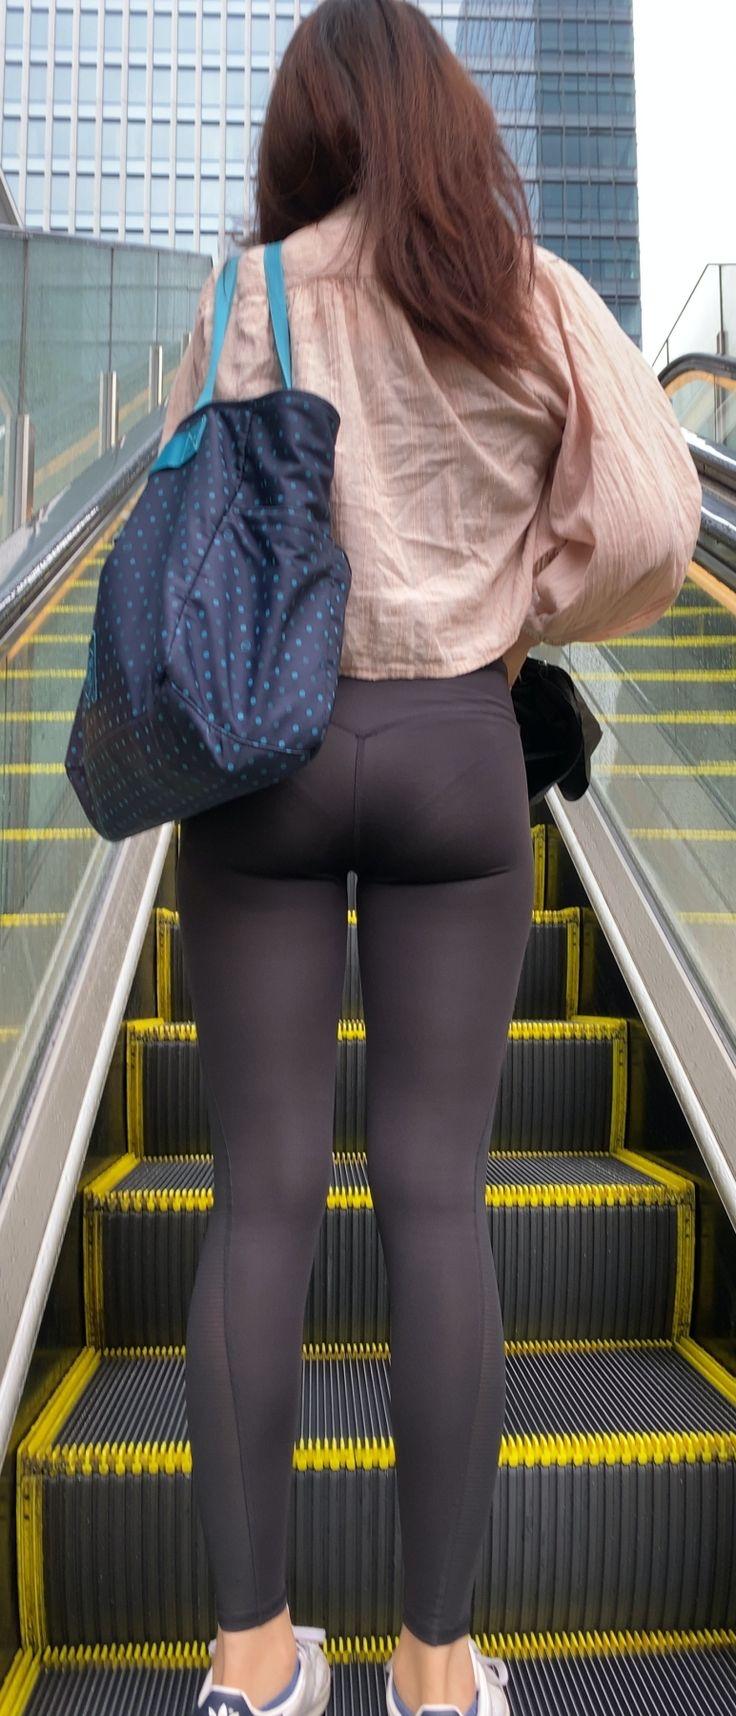 【画像】女子、この格好で出歩いても公然わいせつ罪にならない